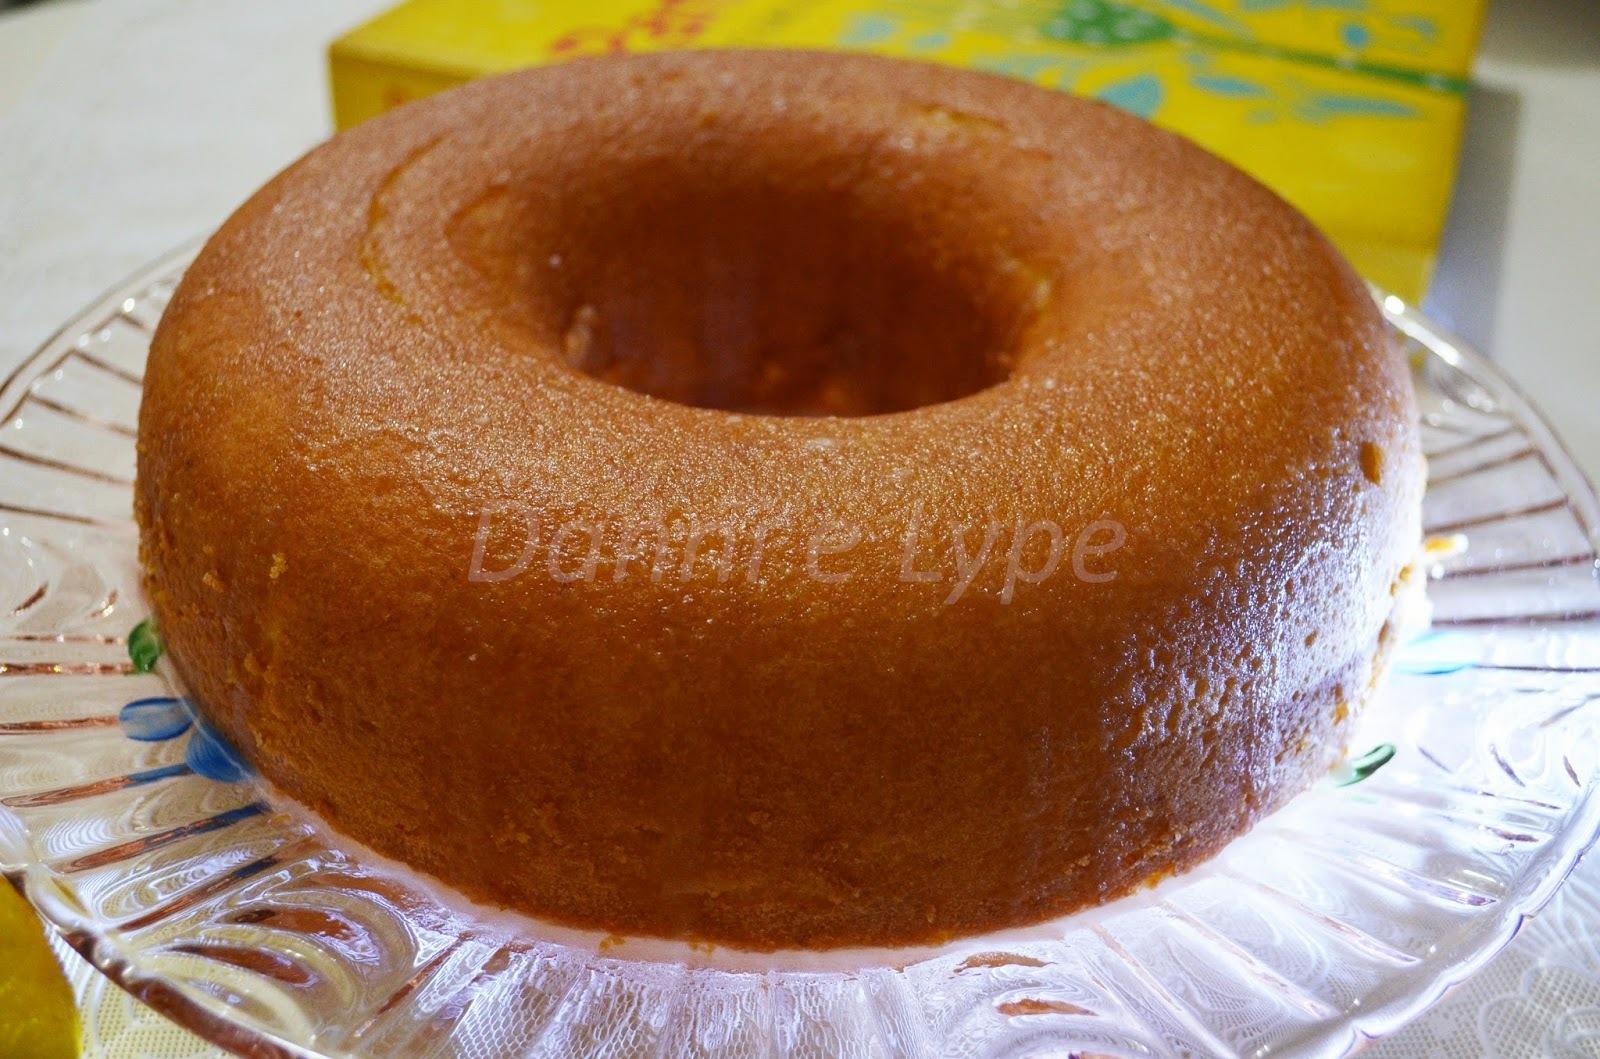 qual dica para o bolo ficar macio e molhado